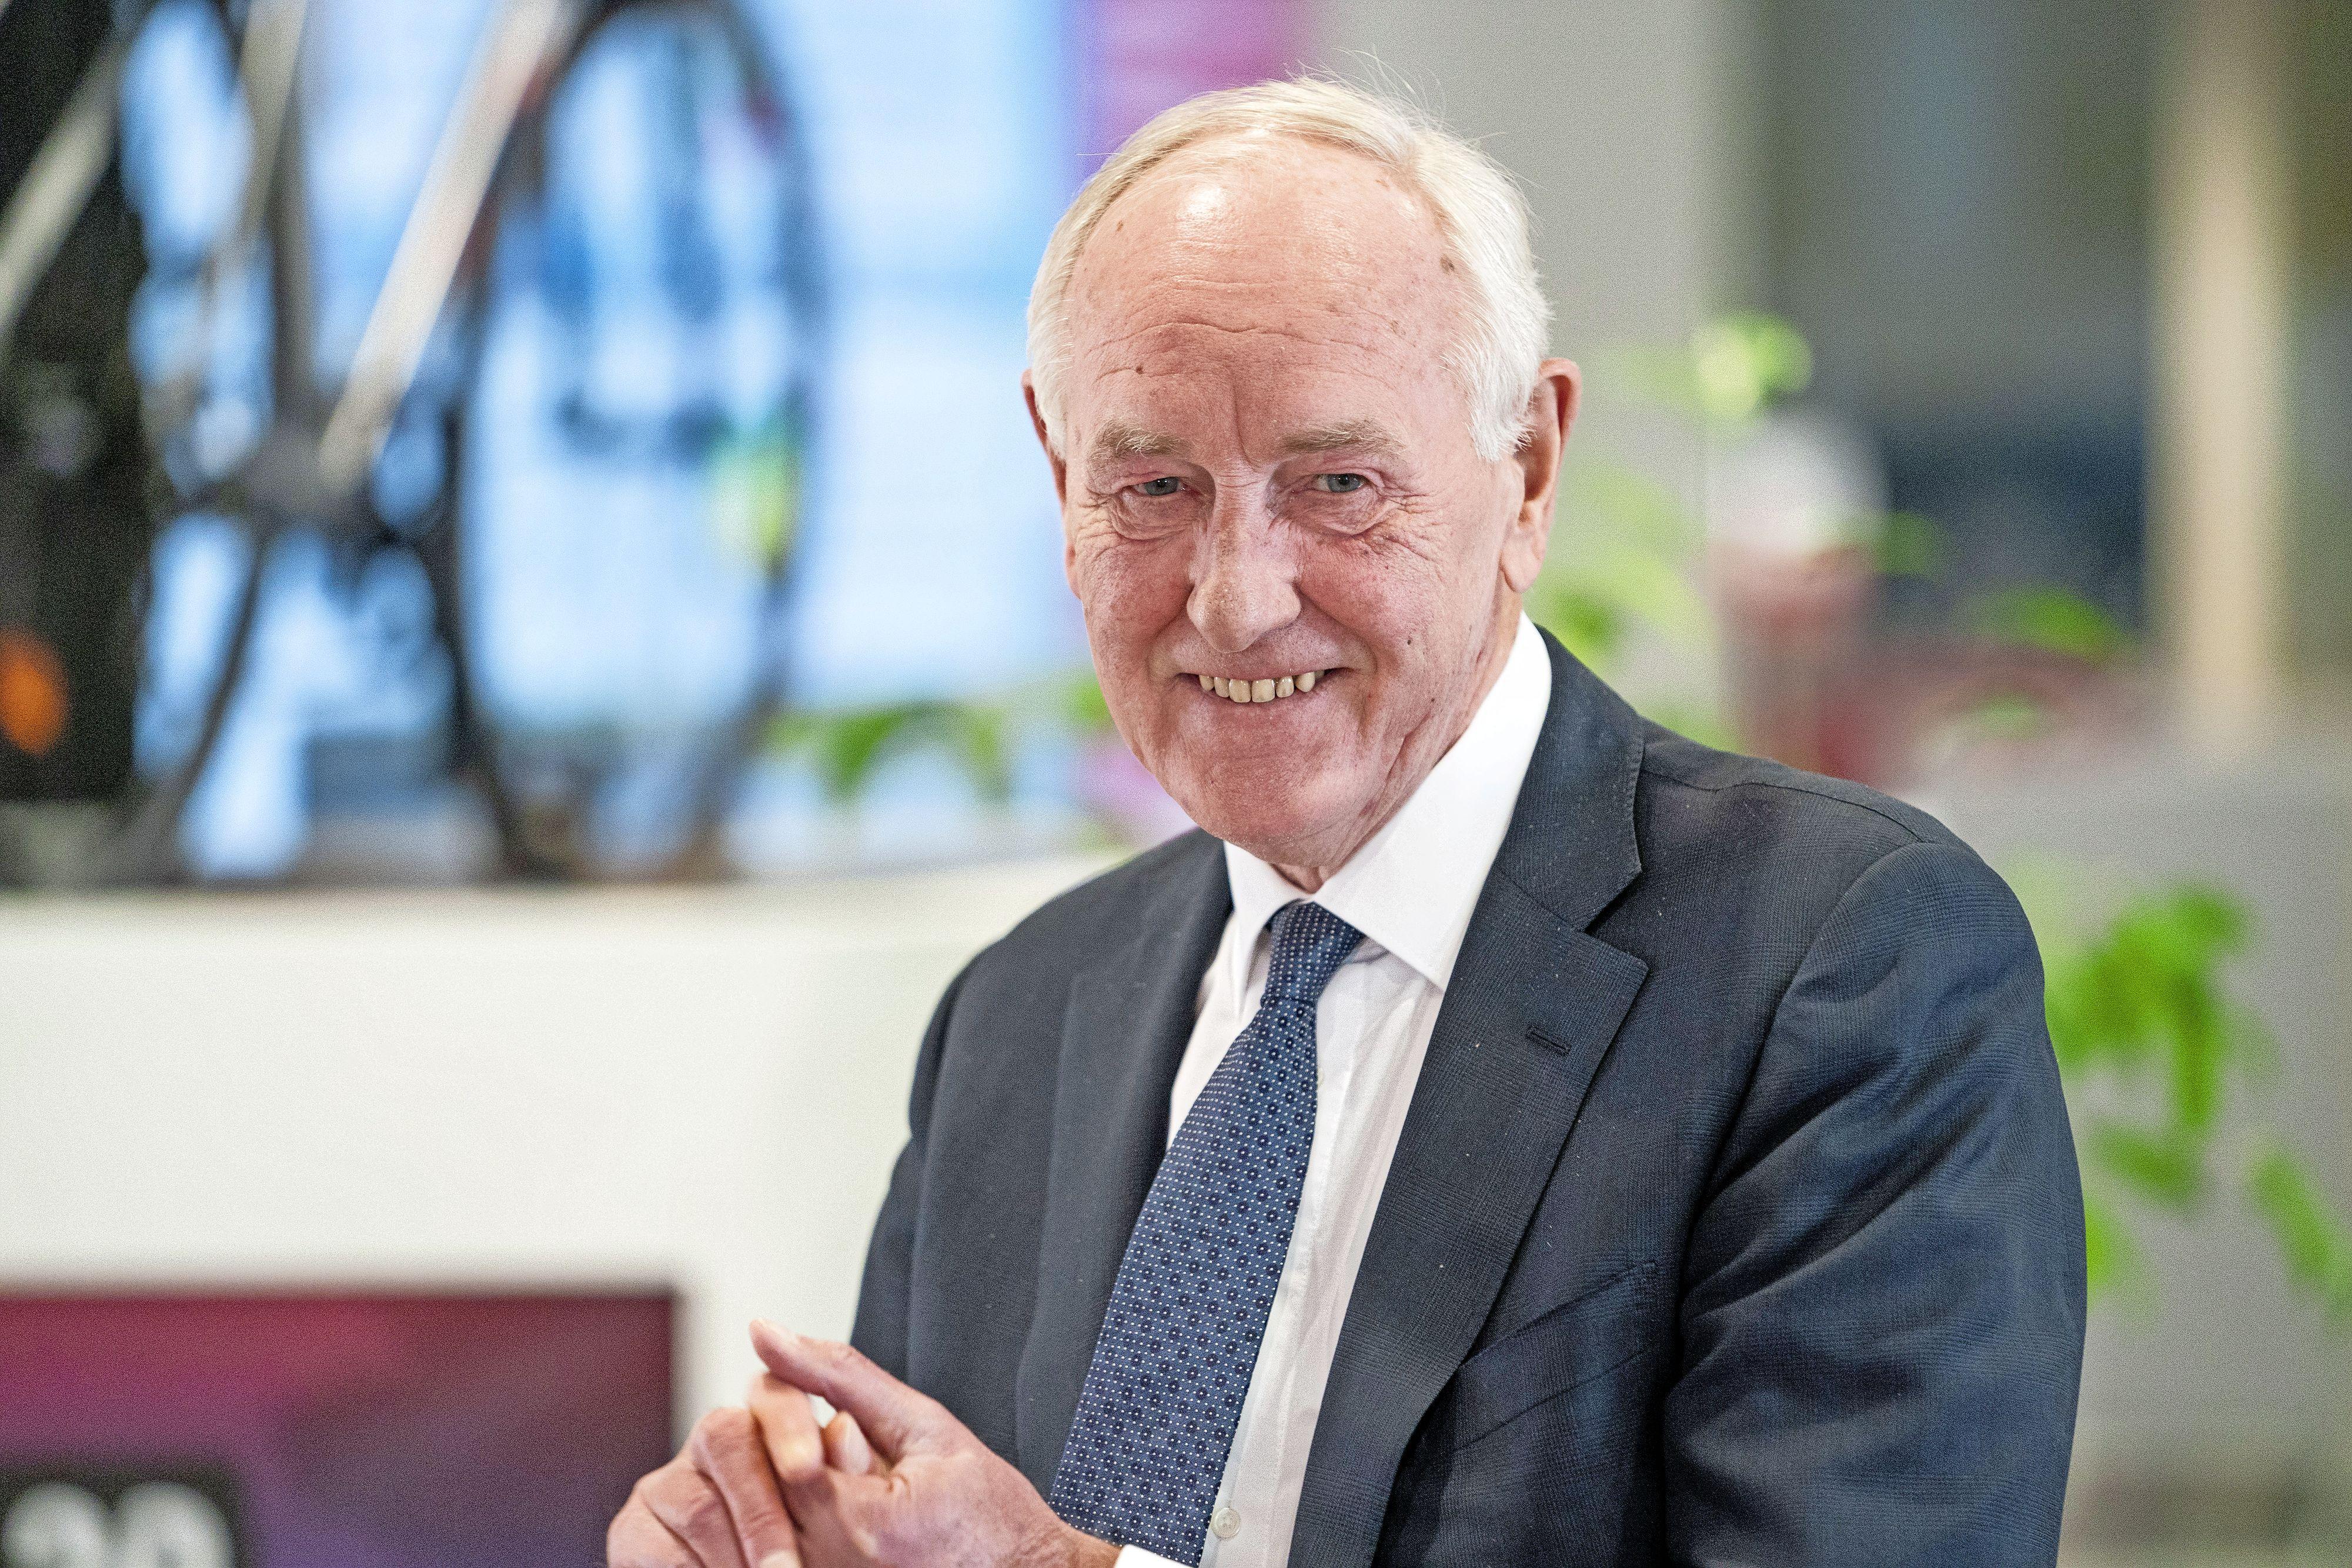 Oud-commissaris van de Koning van Noord-Holland Johan Remkes waarnemend gouverneur in Limburg